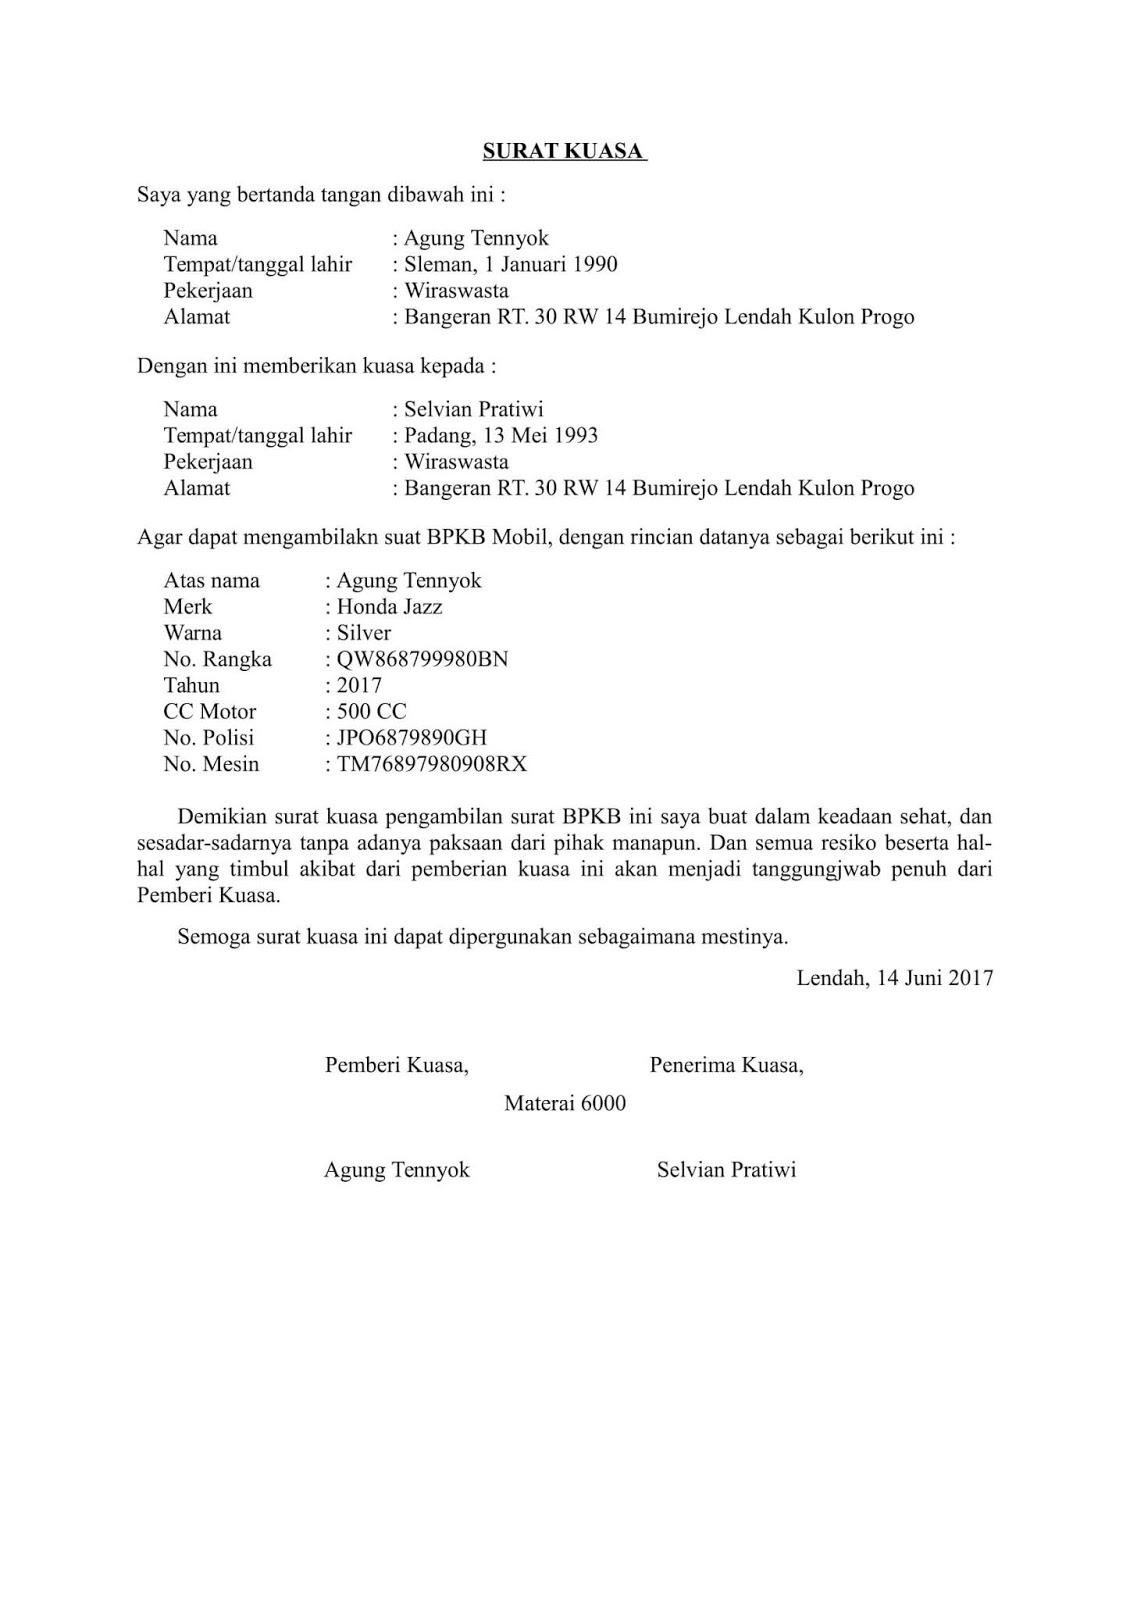 15 Contoh Surat Kuasa Untuk Balik Nama Motor Kumpulan Contoh Surat